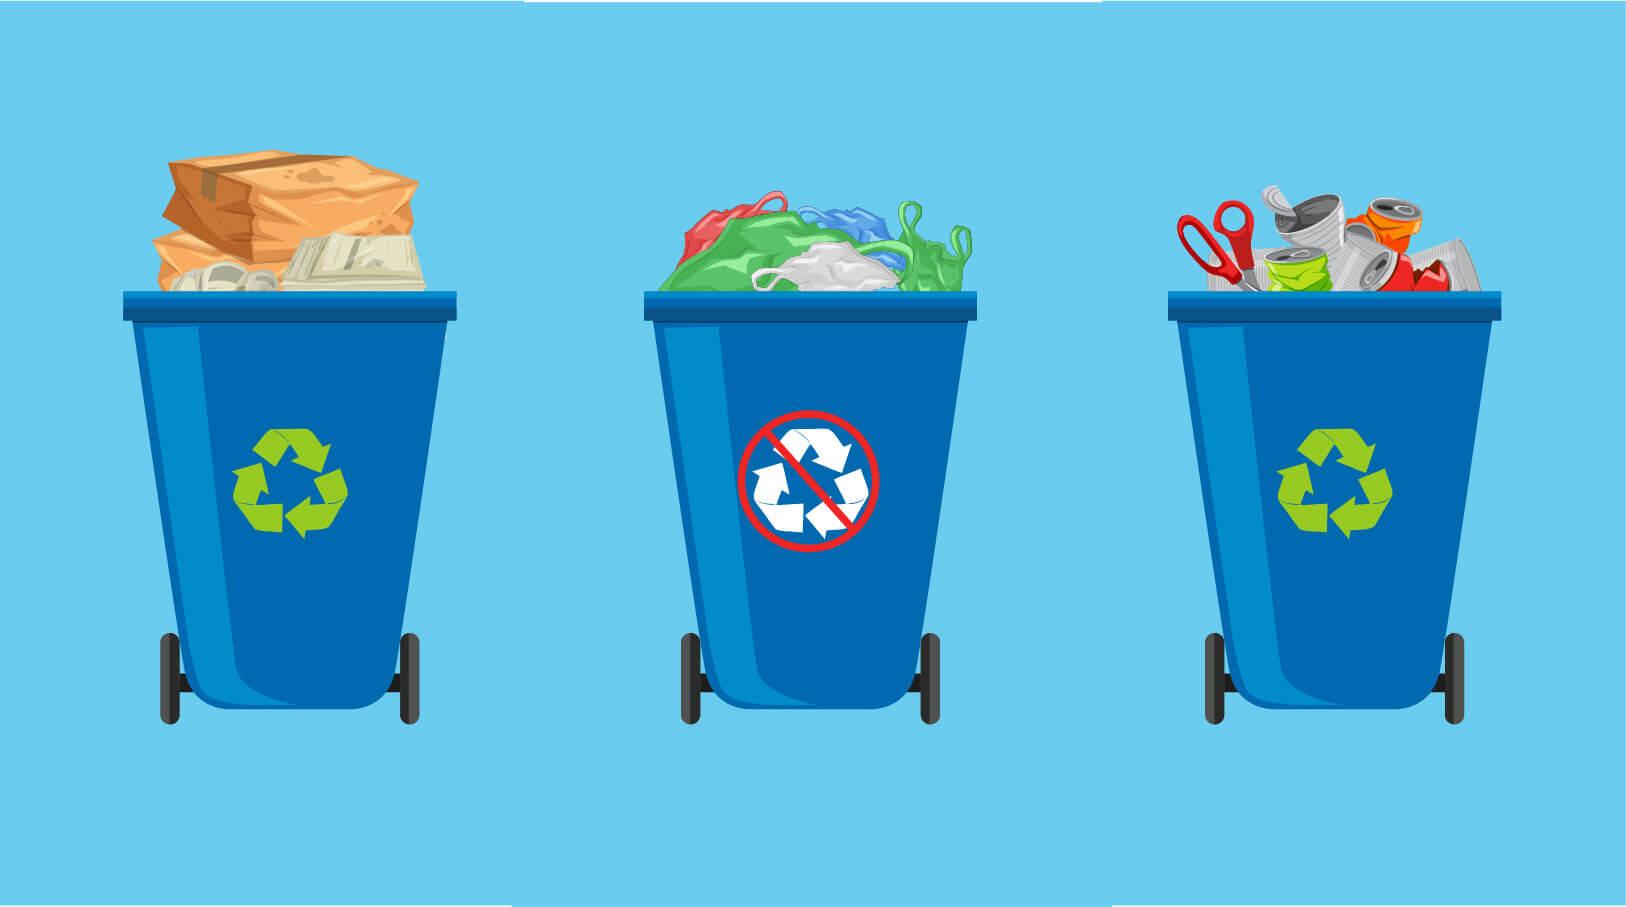 Trush bins illustration